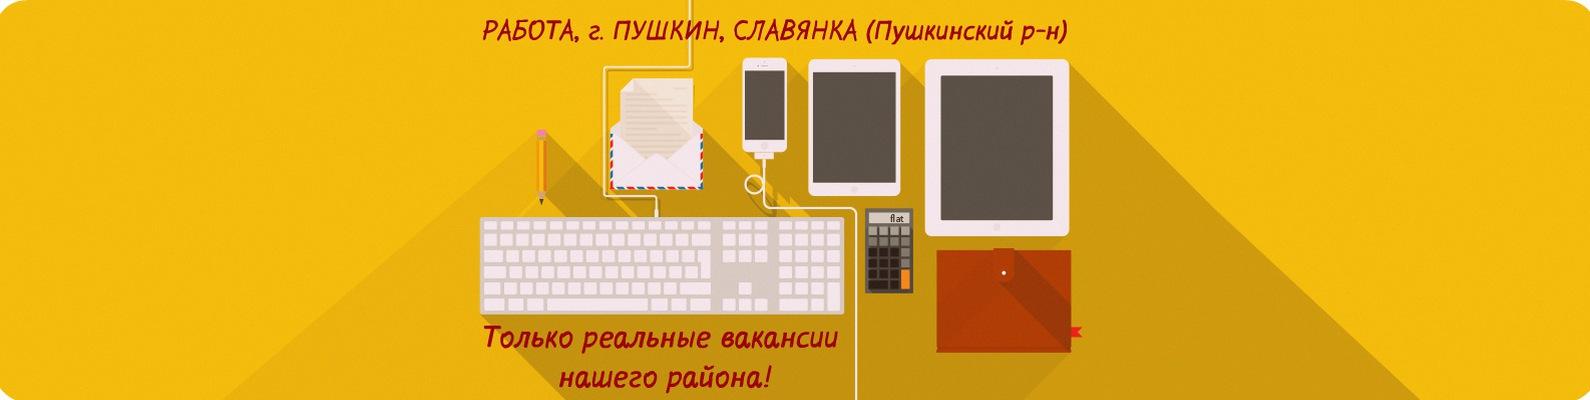 объемные вакансия уборщица в спб пушкин славянка павловск свечи ЗАО Вербена